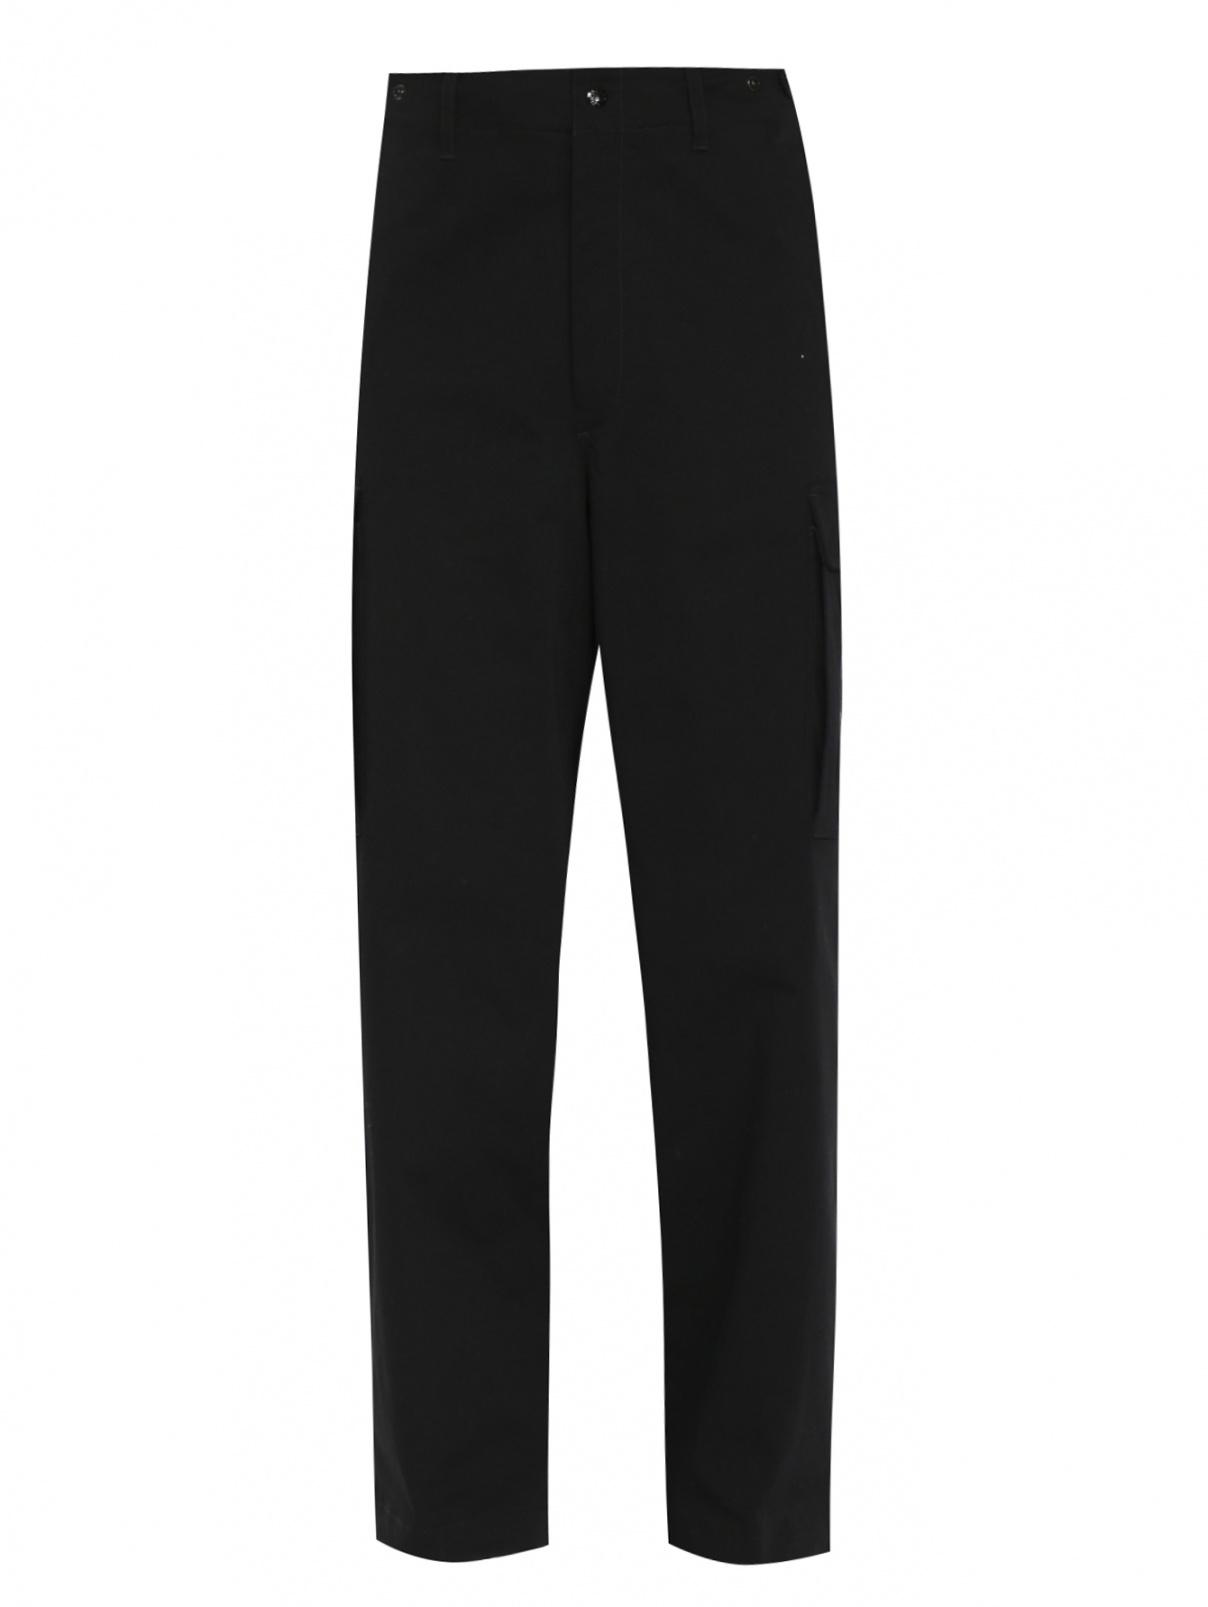 Трикотажные брюки из хлопка с накладными карманами Moncler  –  Общий вид